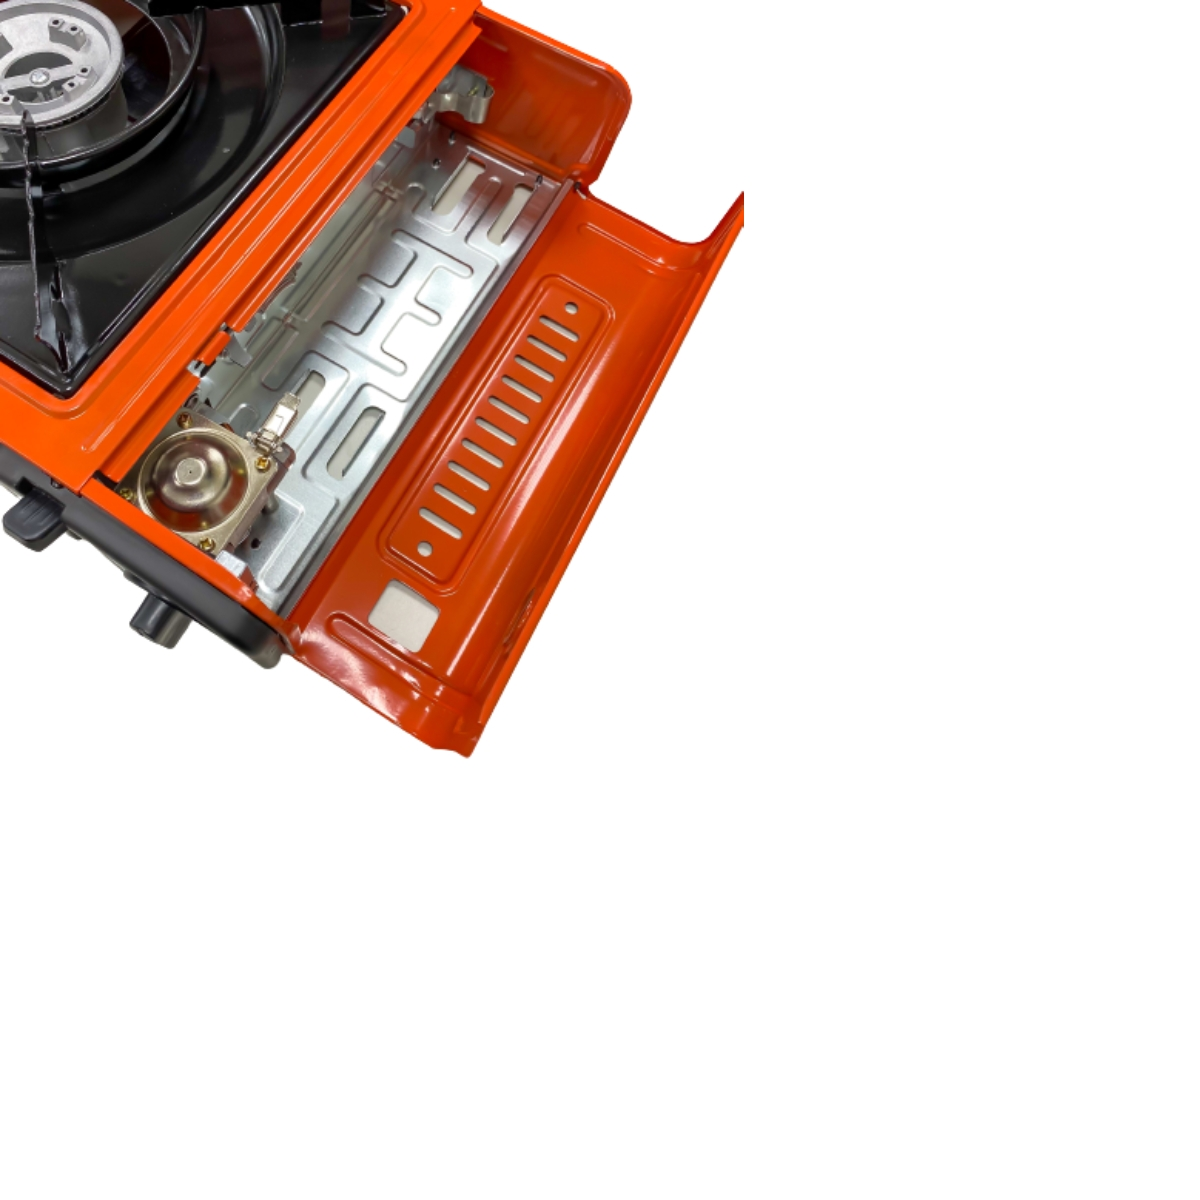 Fogão Portátil Á Gás Starfer com Acendimento Automático - 1 queimador